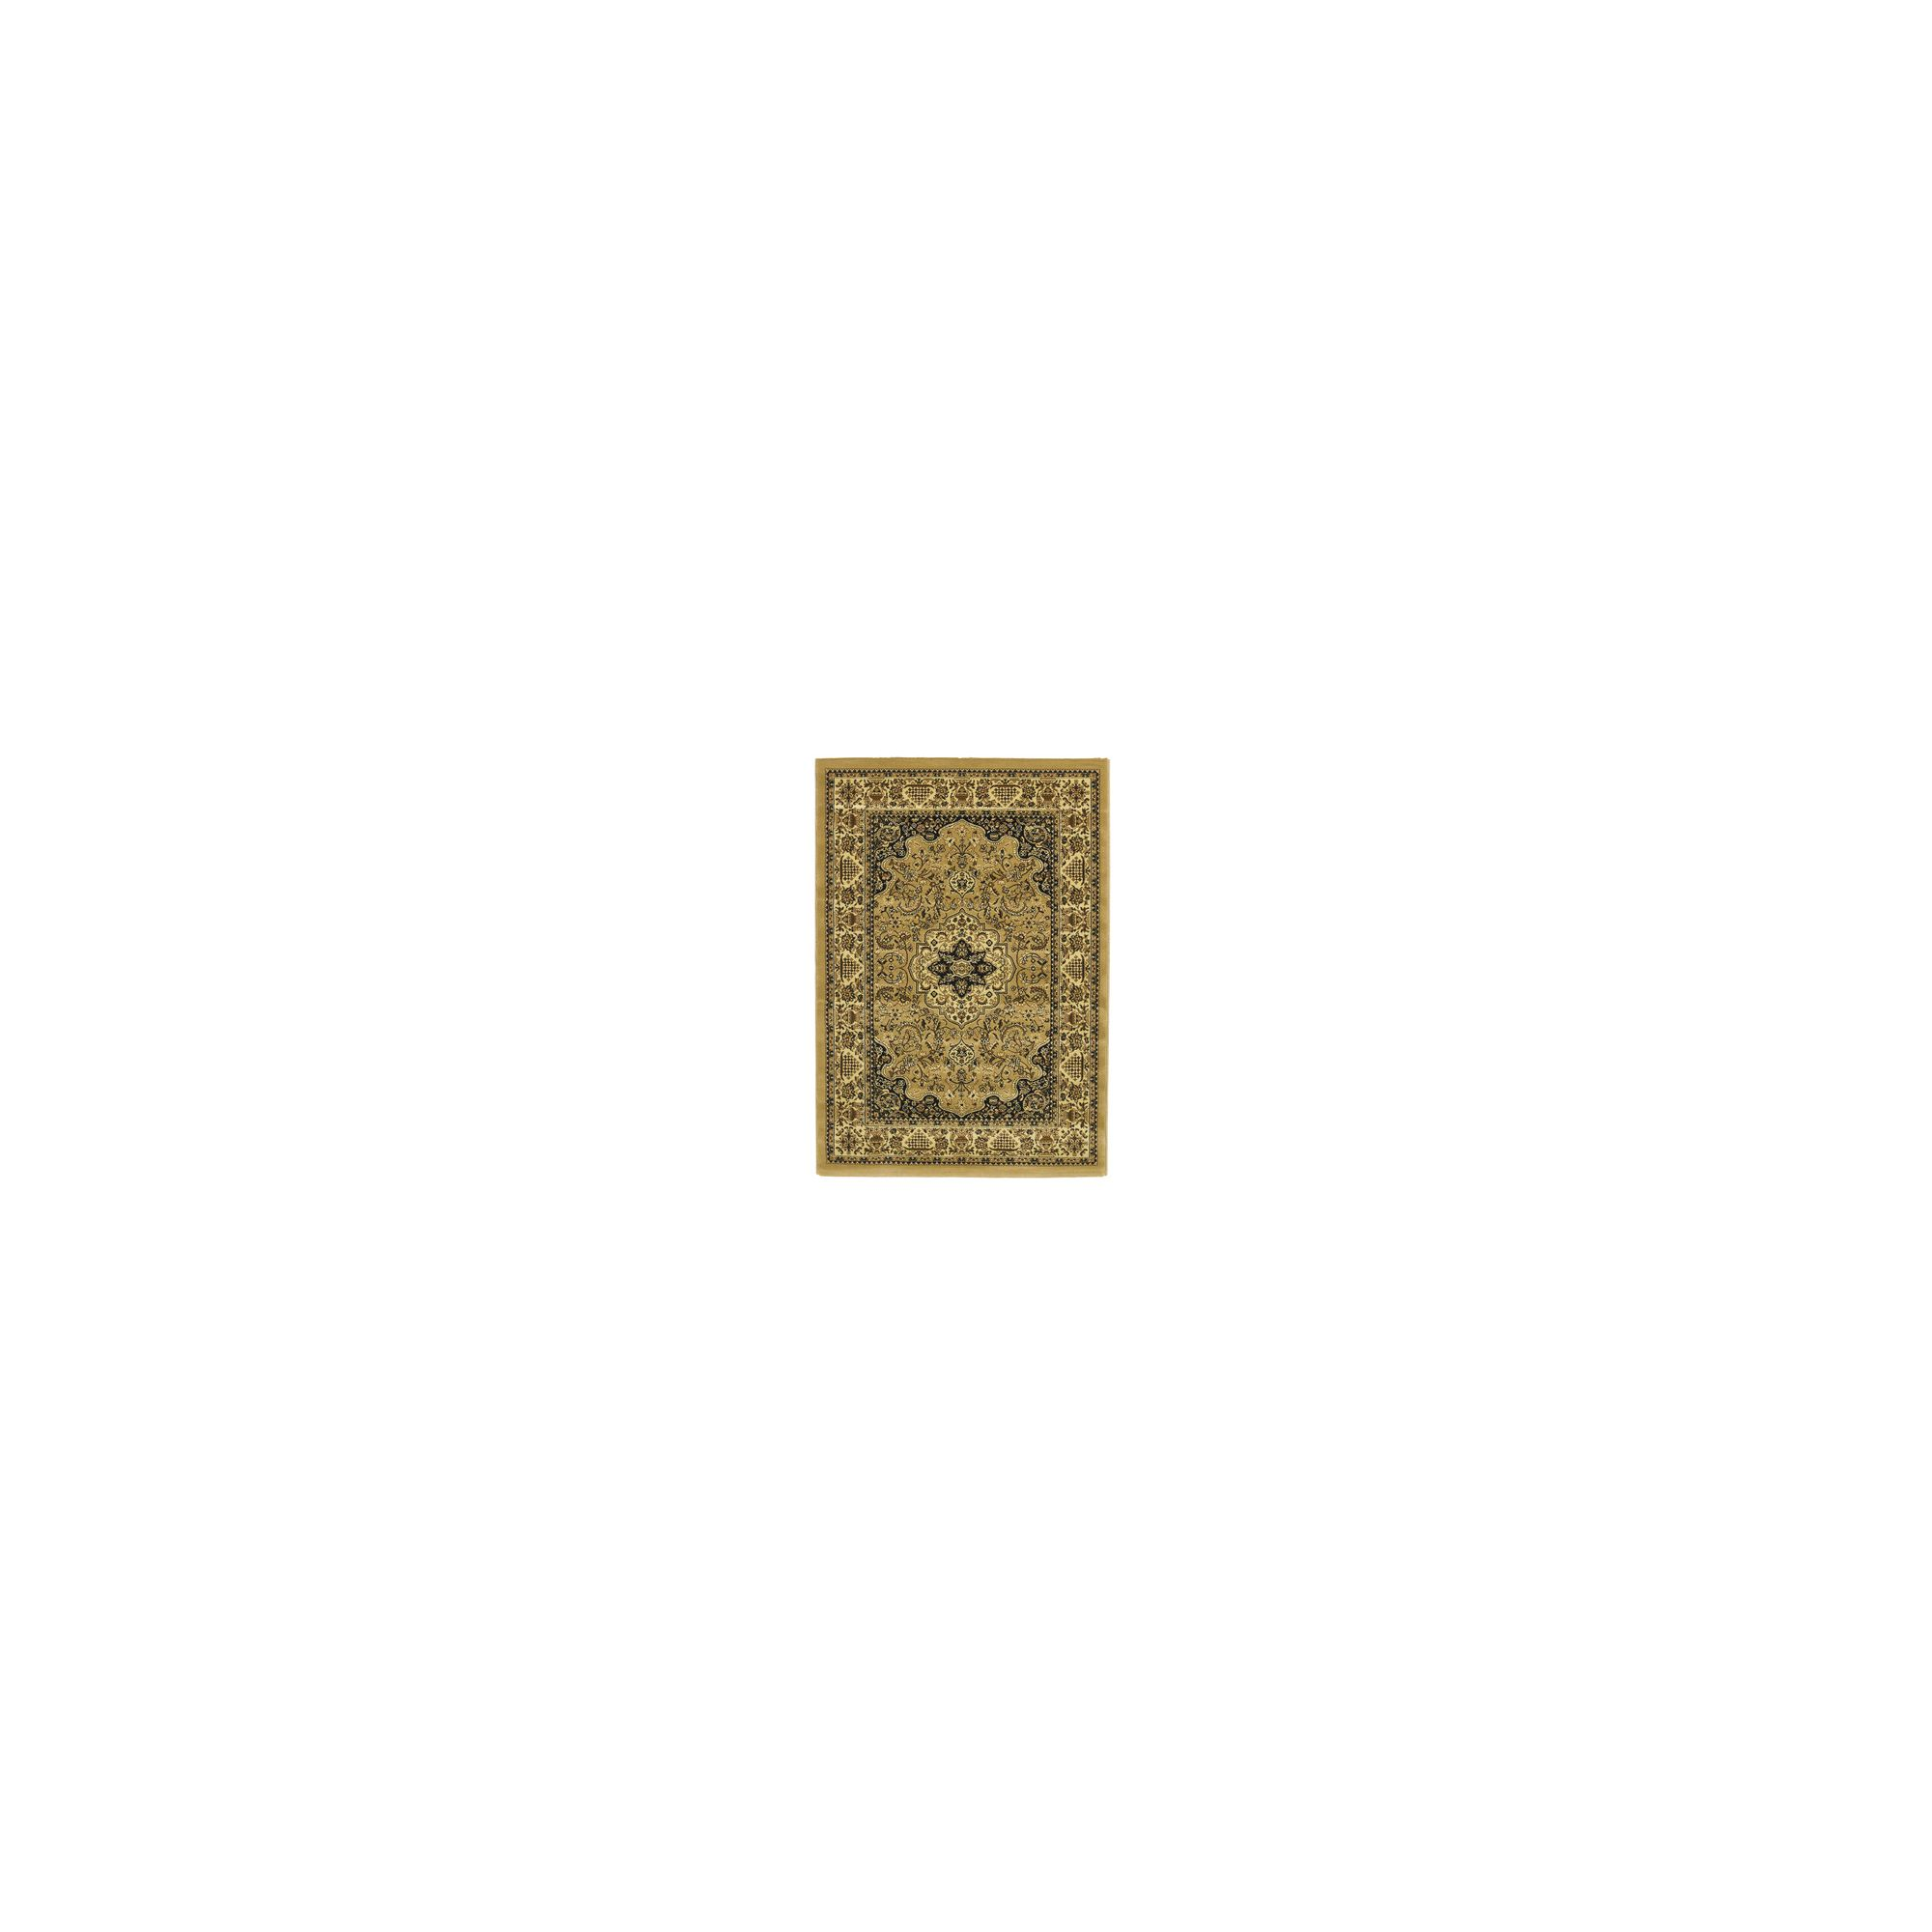 Oriental Carpets & Rugs Heritage 02A Beige Rug - 160cm x 230cm